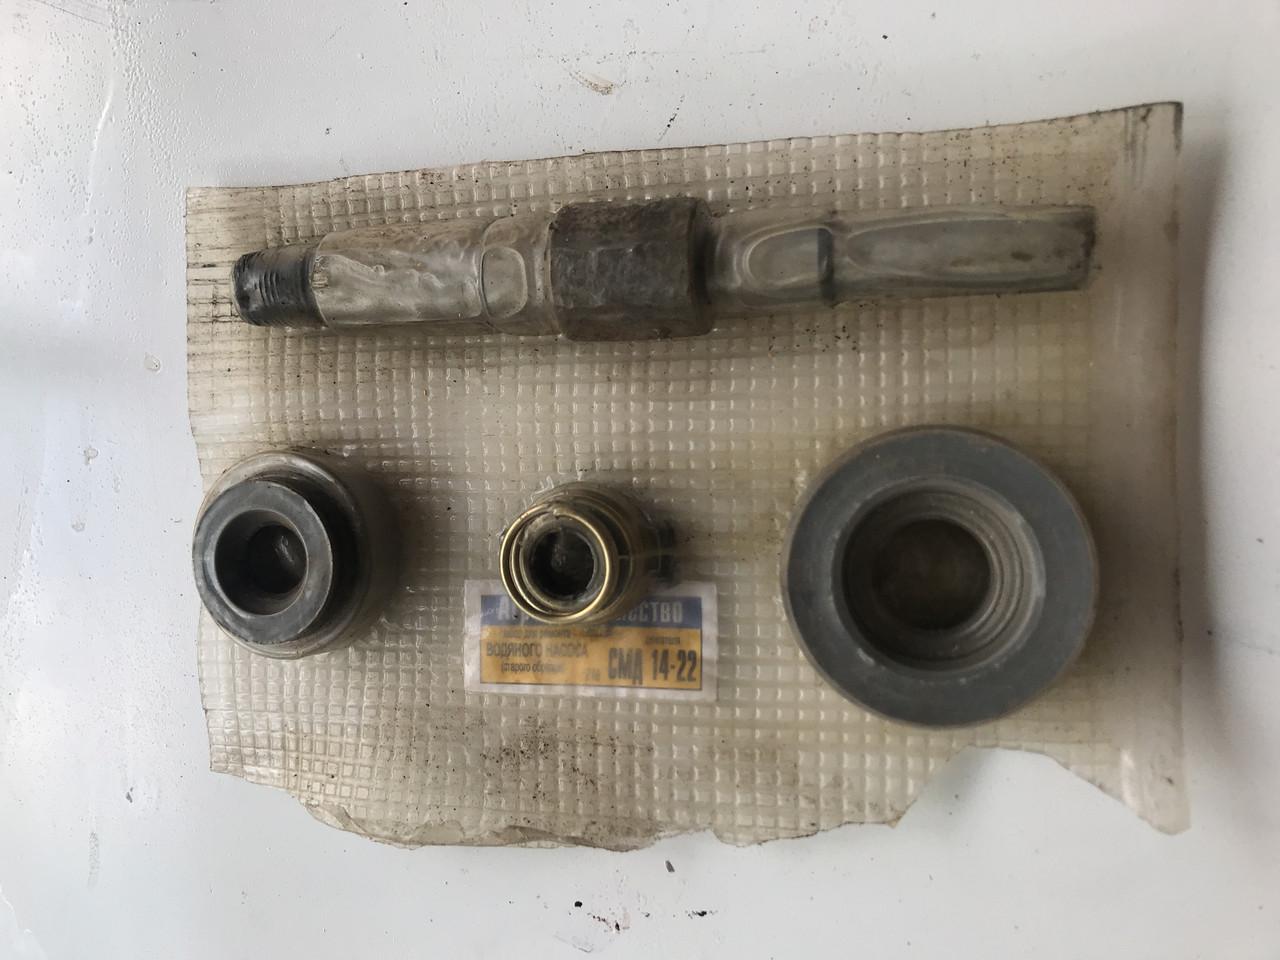 Ремкомплект водяного насоса ДТ-75, Нива, тдт 55 . СМД-14-22, старого зразка